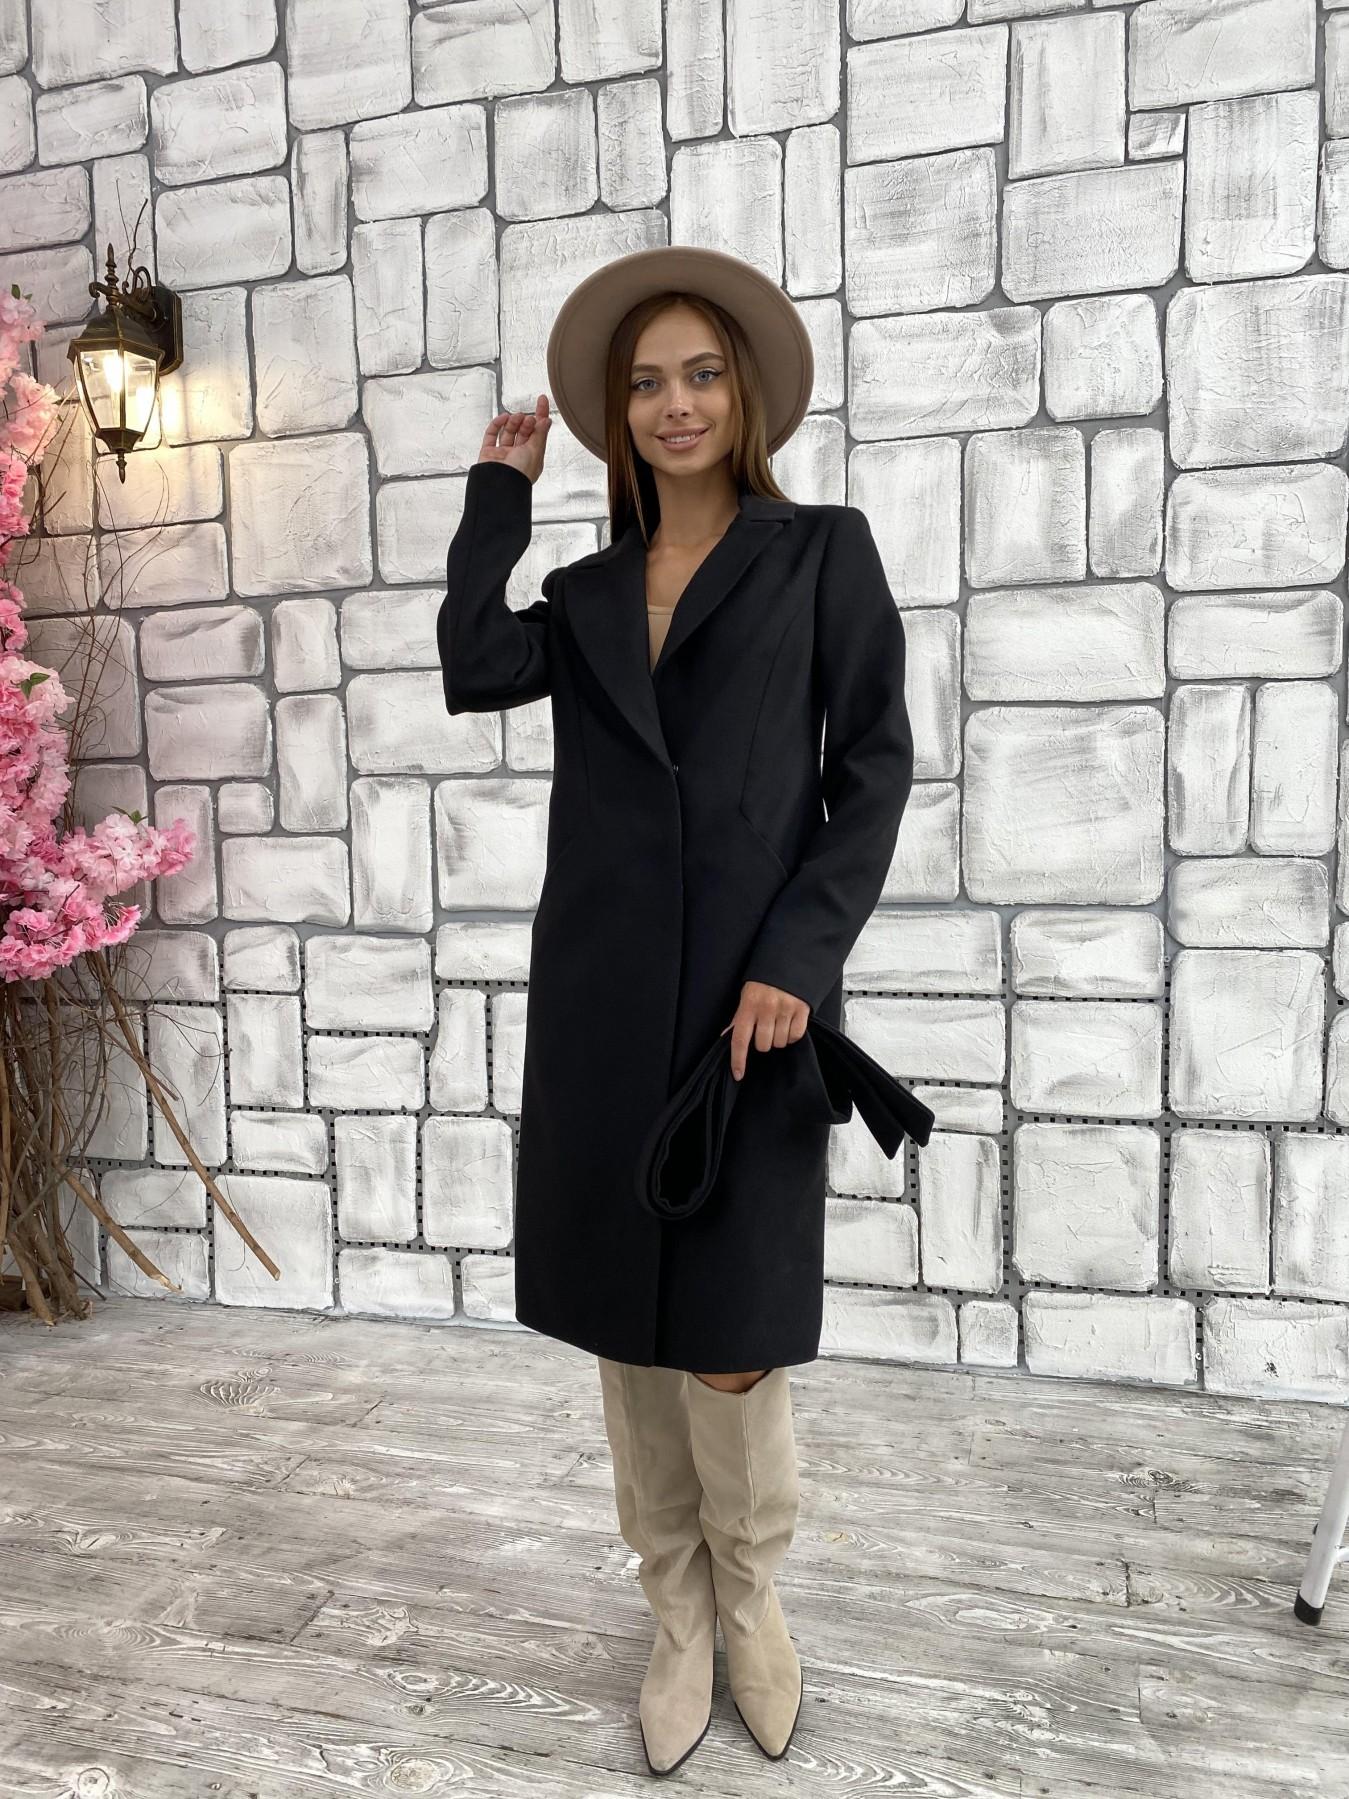 Мехико кашемир гладкий пальто 11643 АРТ. 48353 Цвет: Черный - фото 4, интернет магазин tm-modus.ru